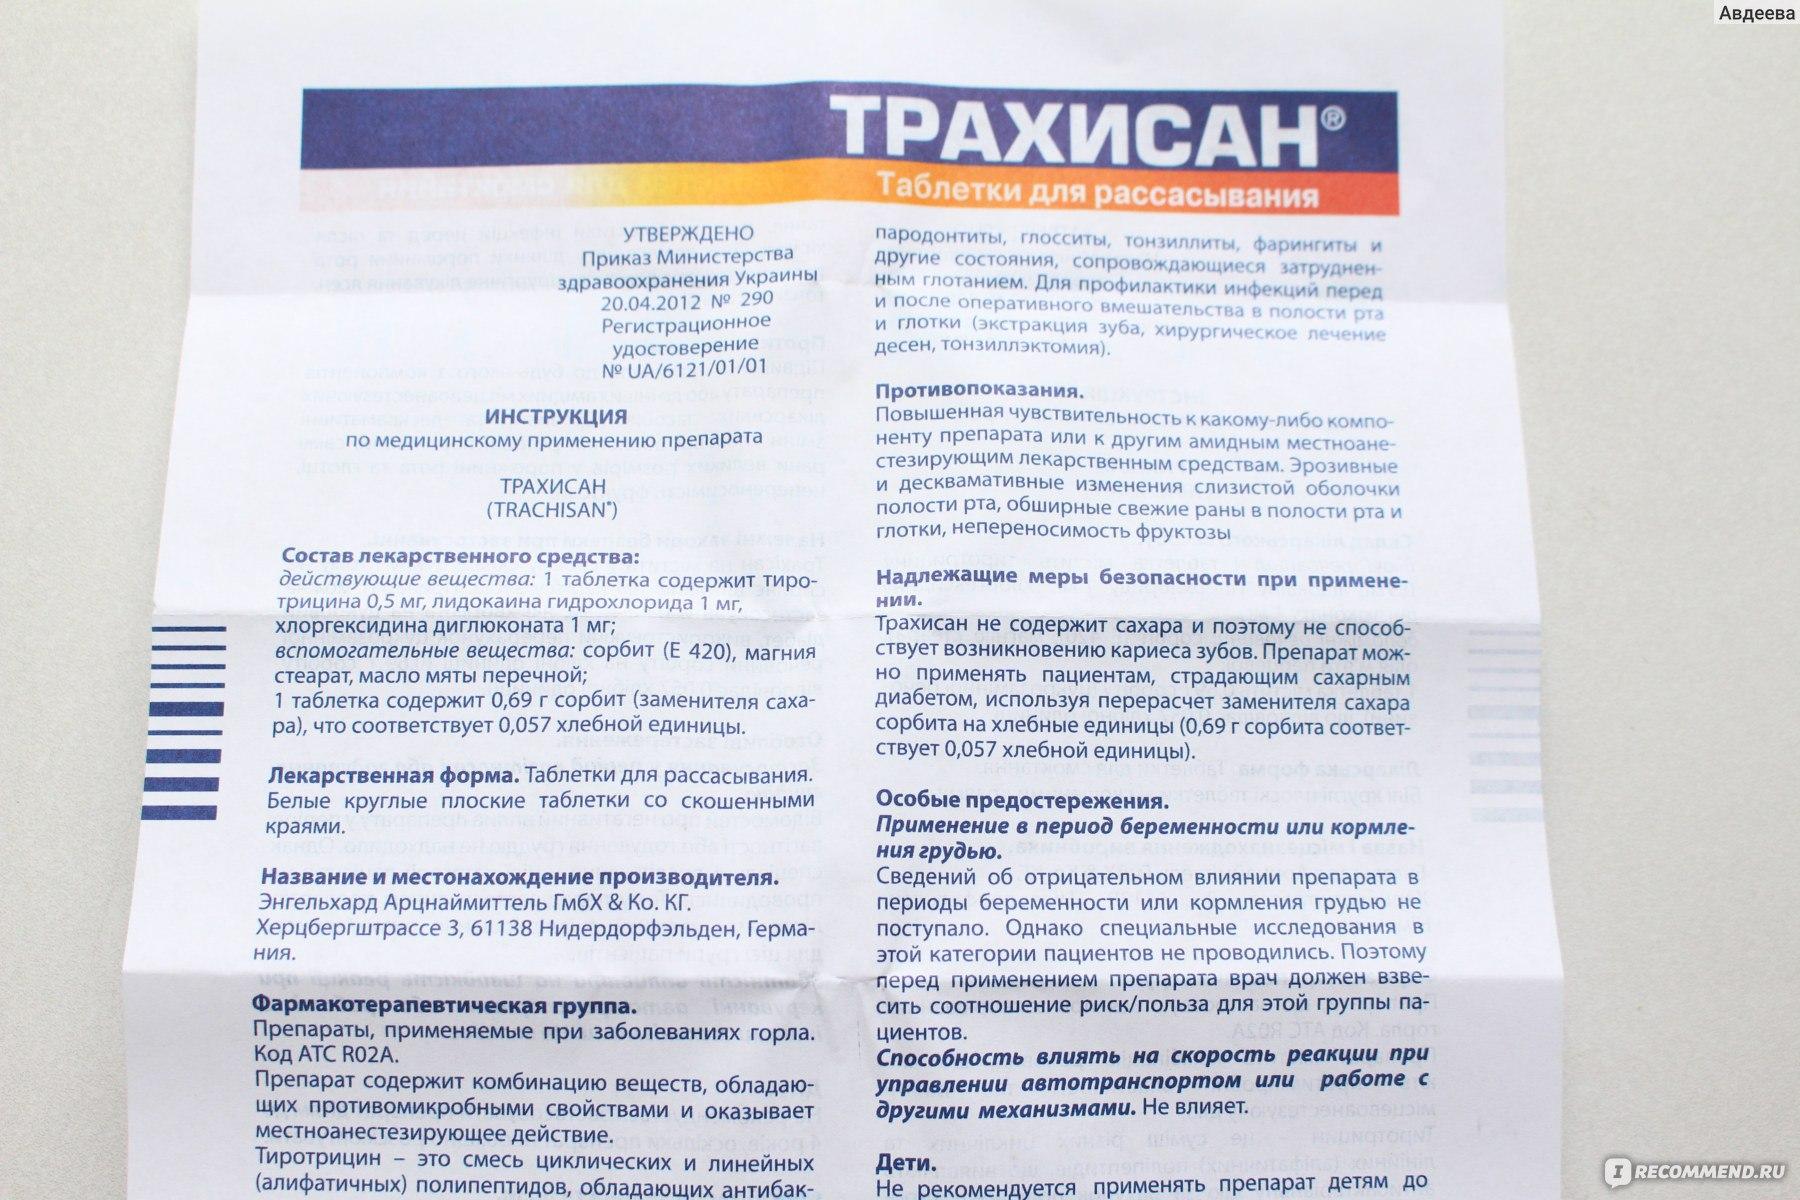 Таблетки трахисан: инструкция по применению, отзывы, аналоги, цена